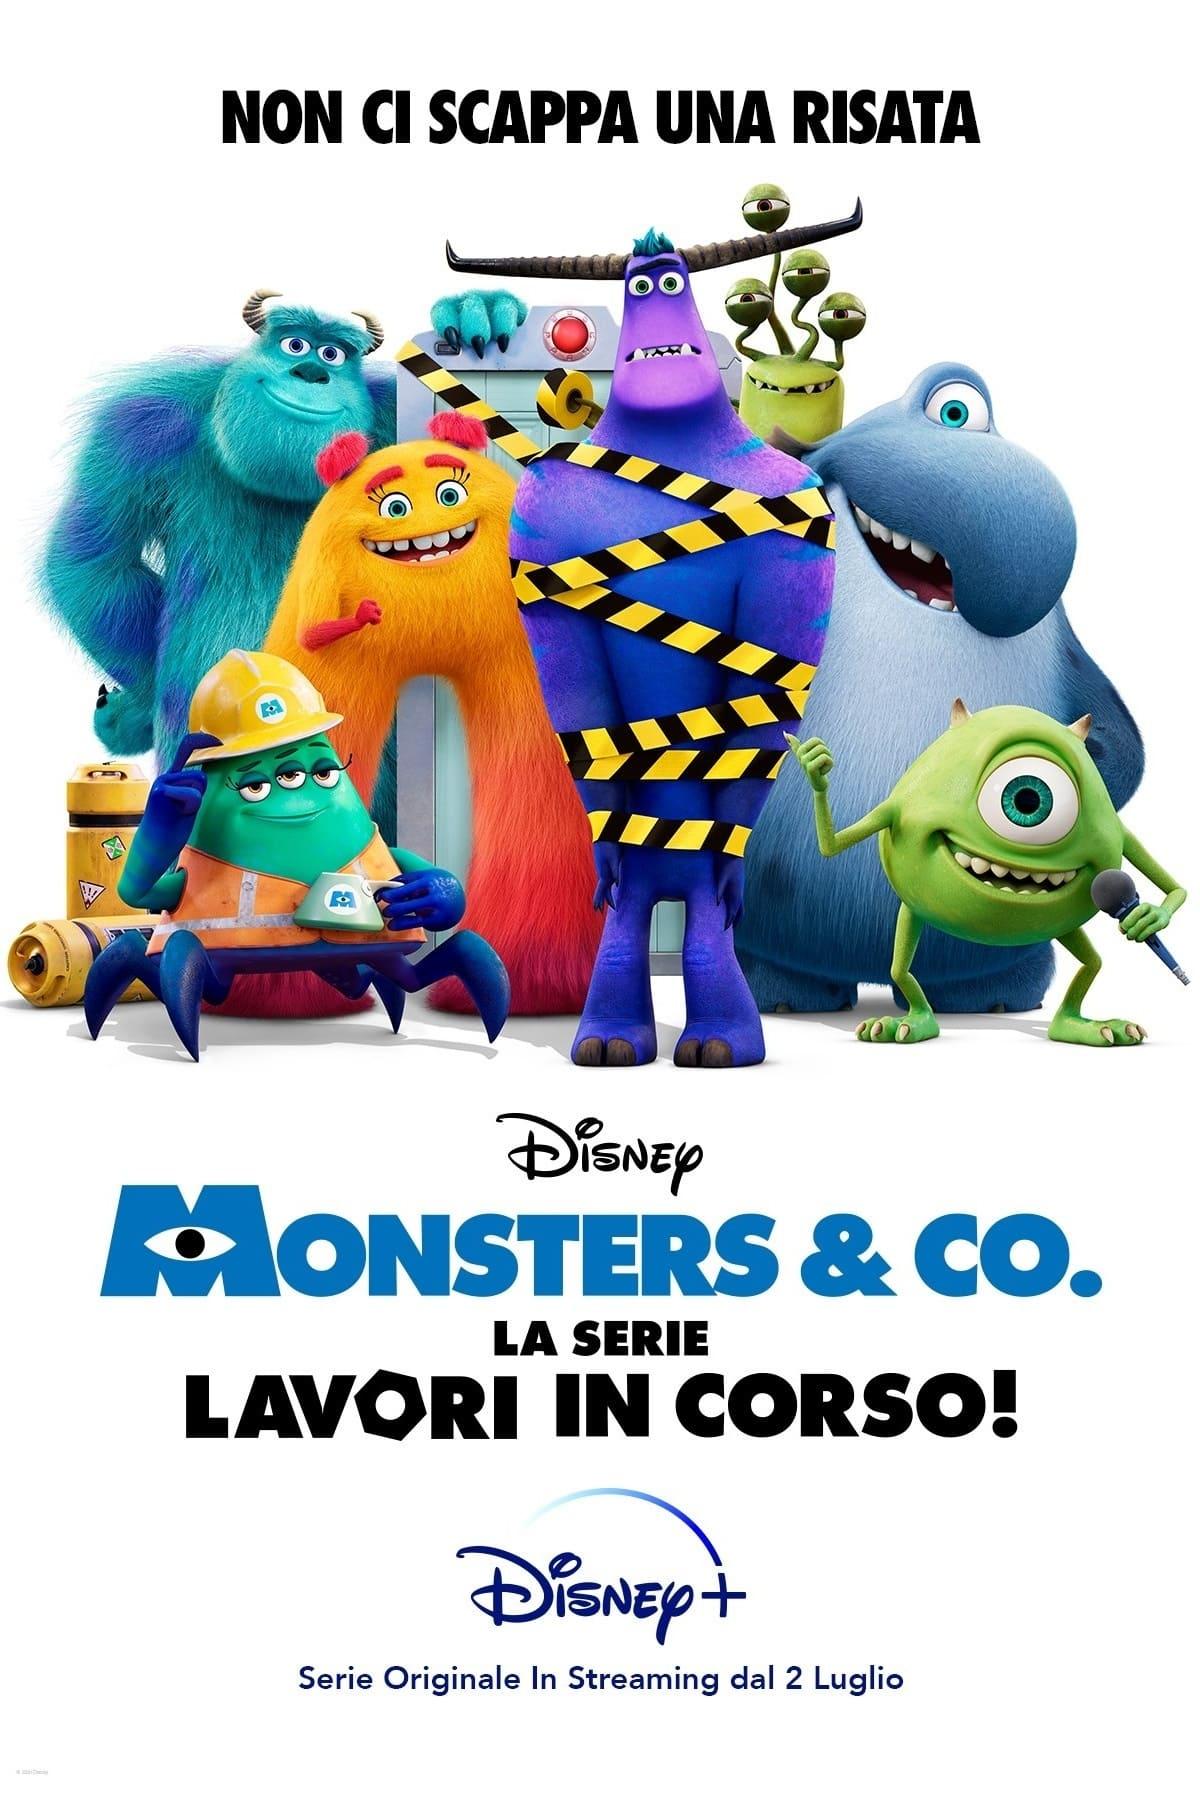 film disney monsters & co la serie lavori in corso